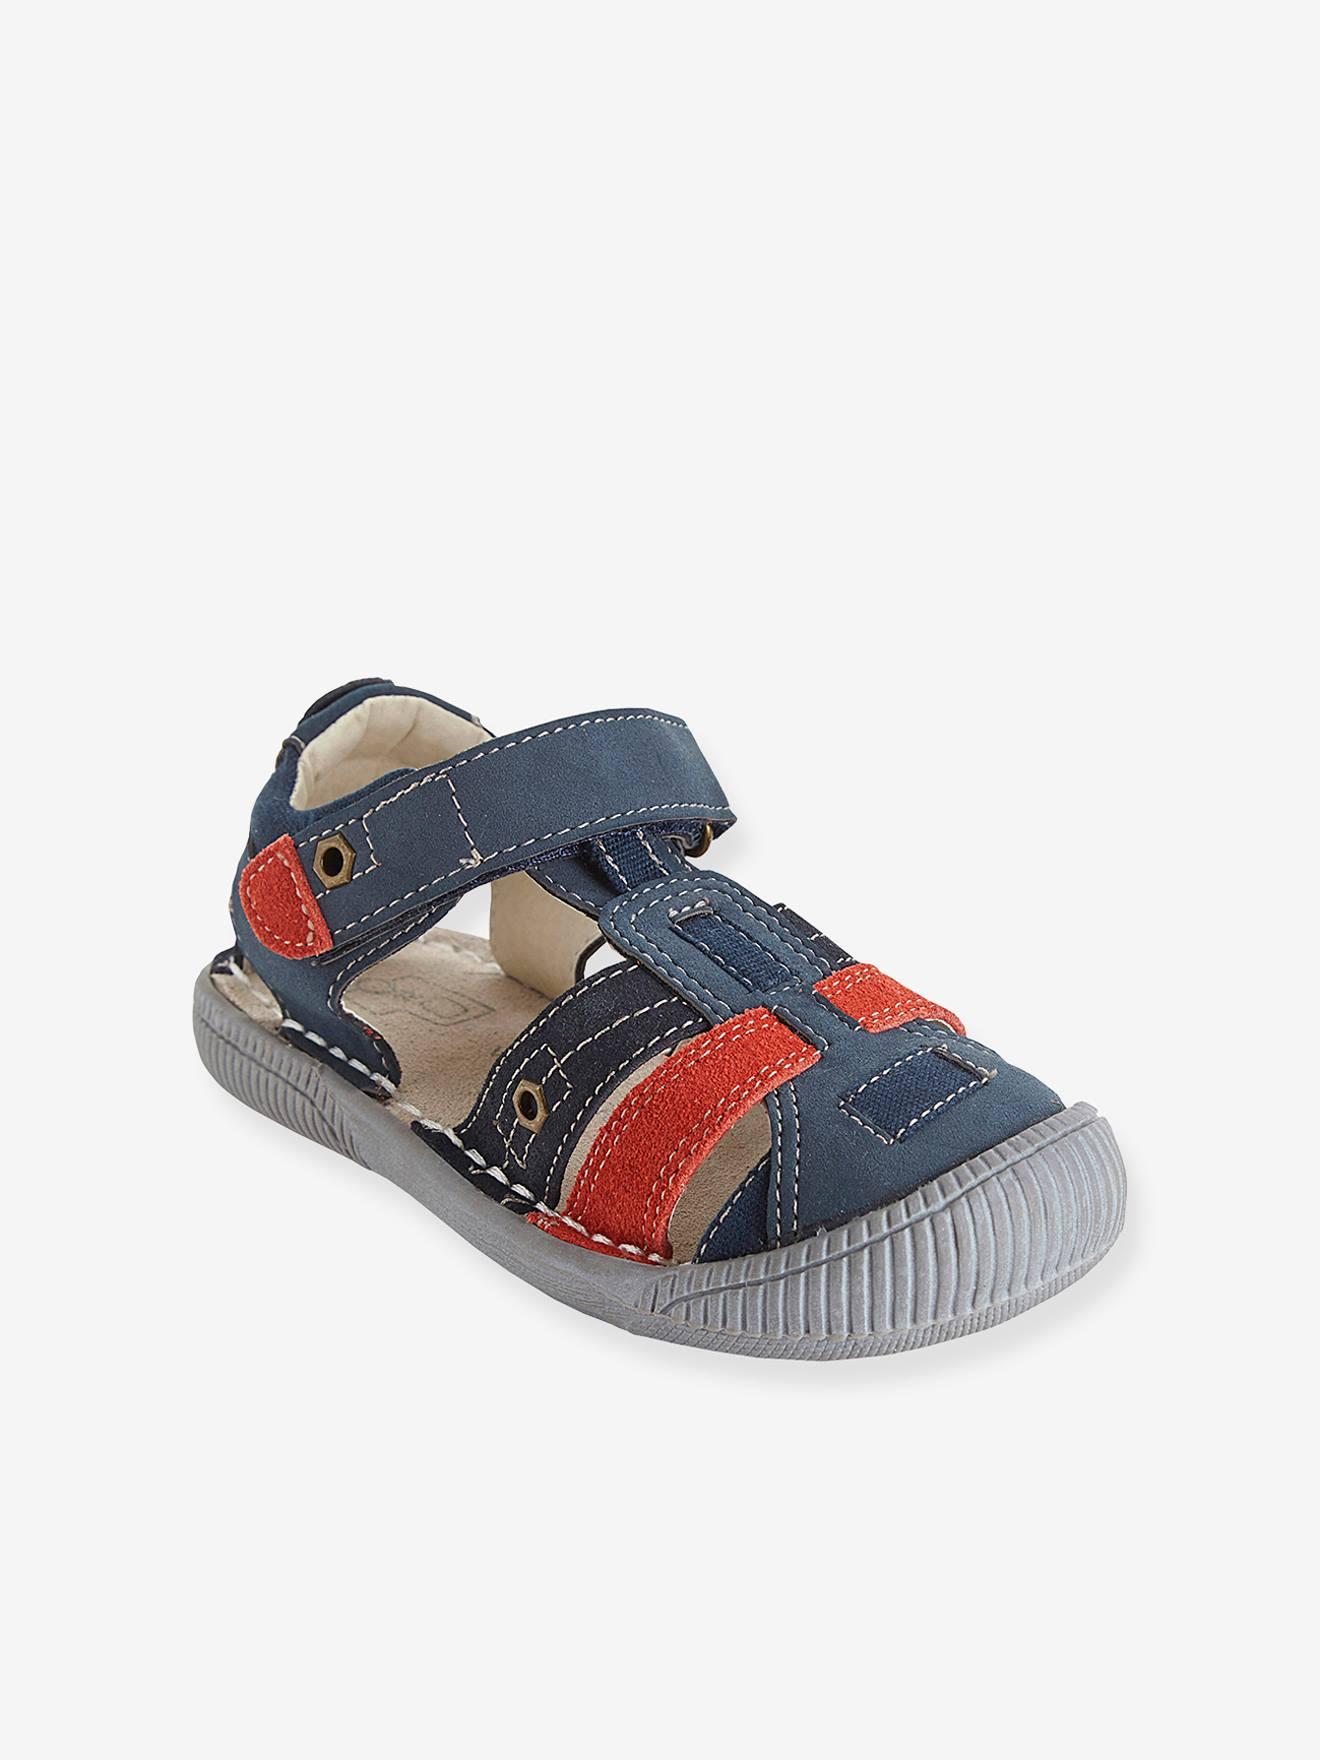 Vertbaudet Sandalen für Jungen, Anzieh-Trick ma...